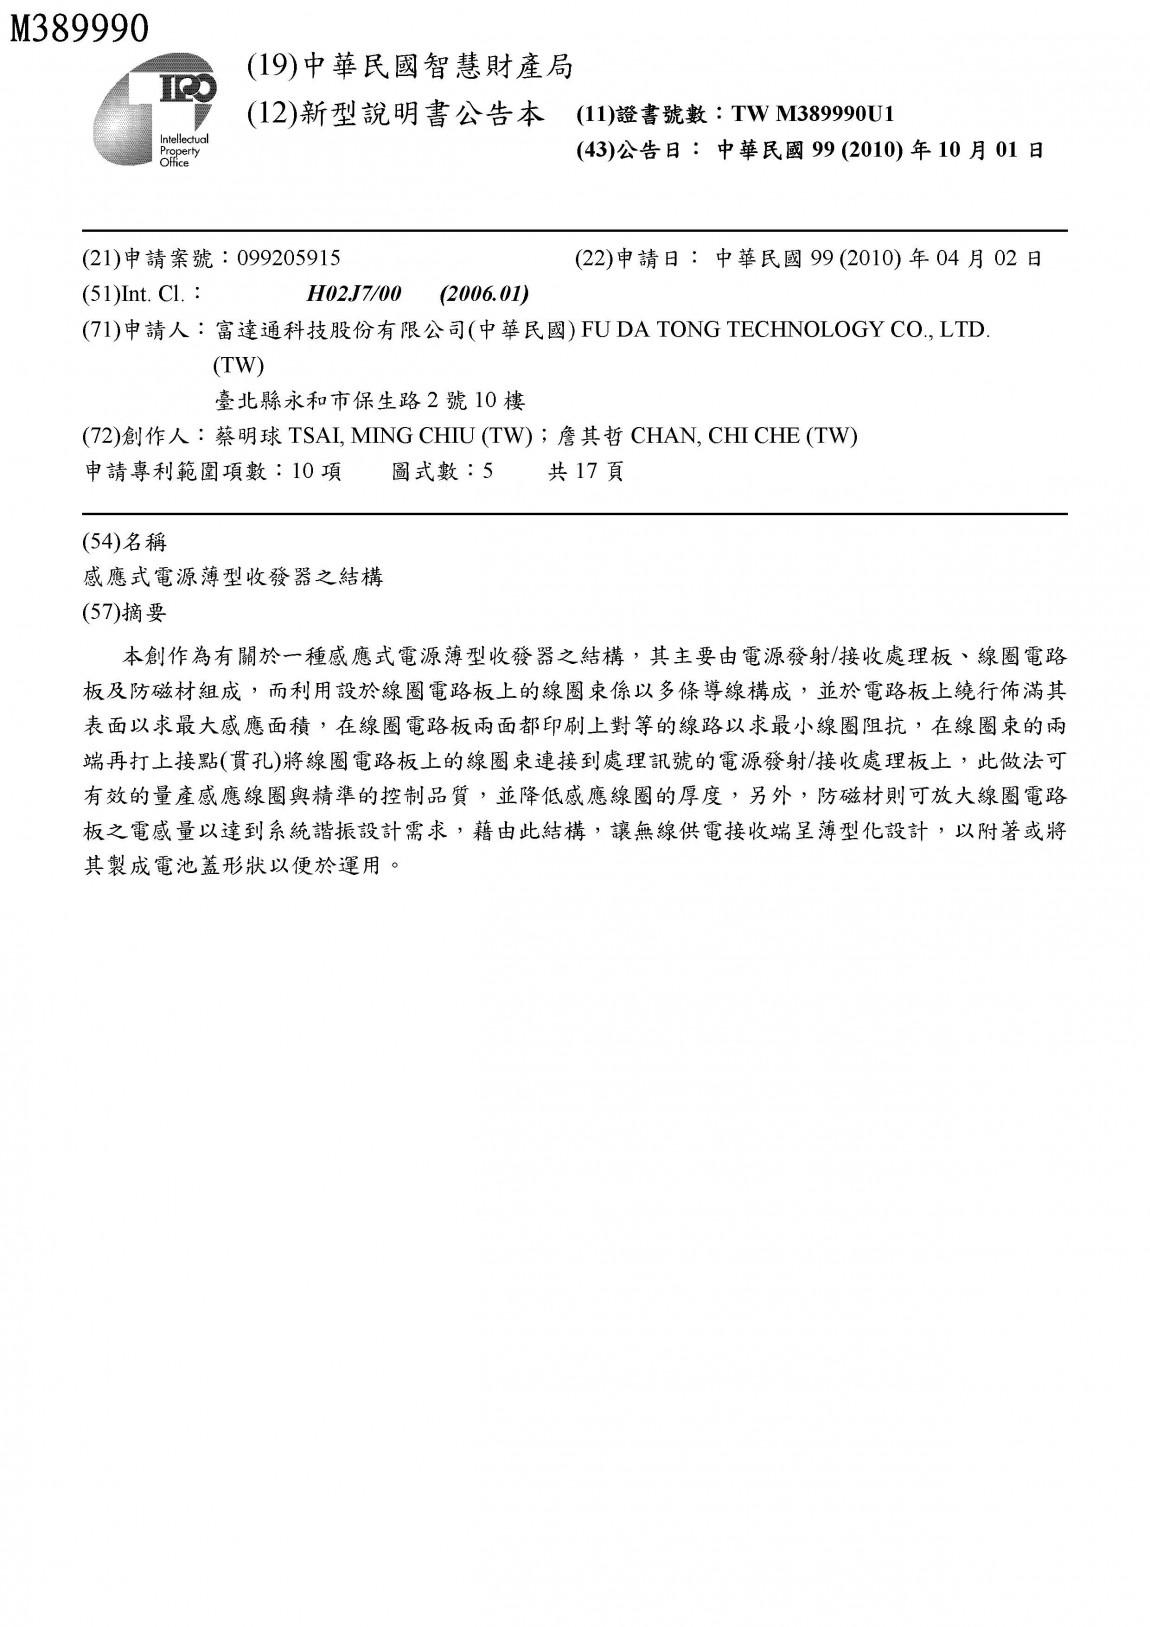 富達通專利04-感應式電源薄型收發器之結構(台灣)M389990